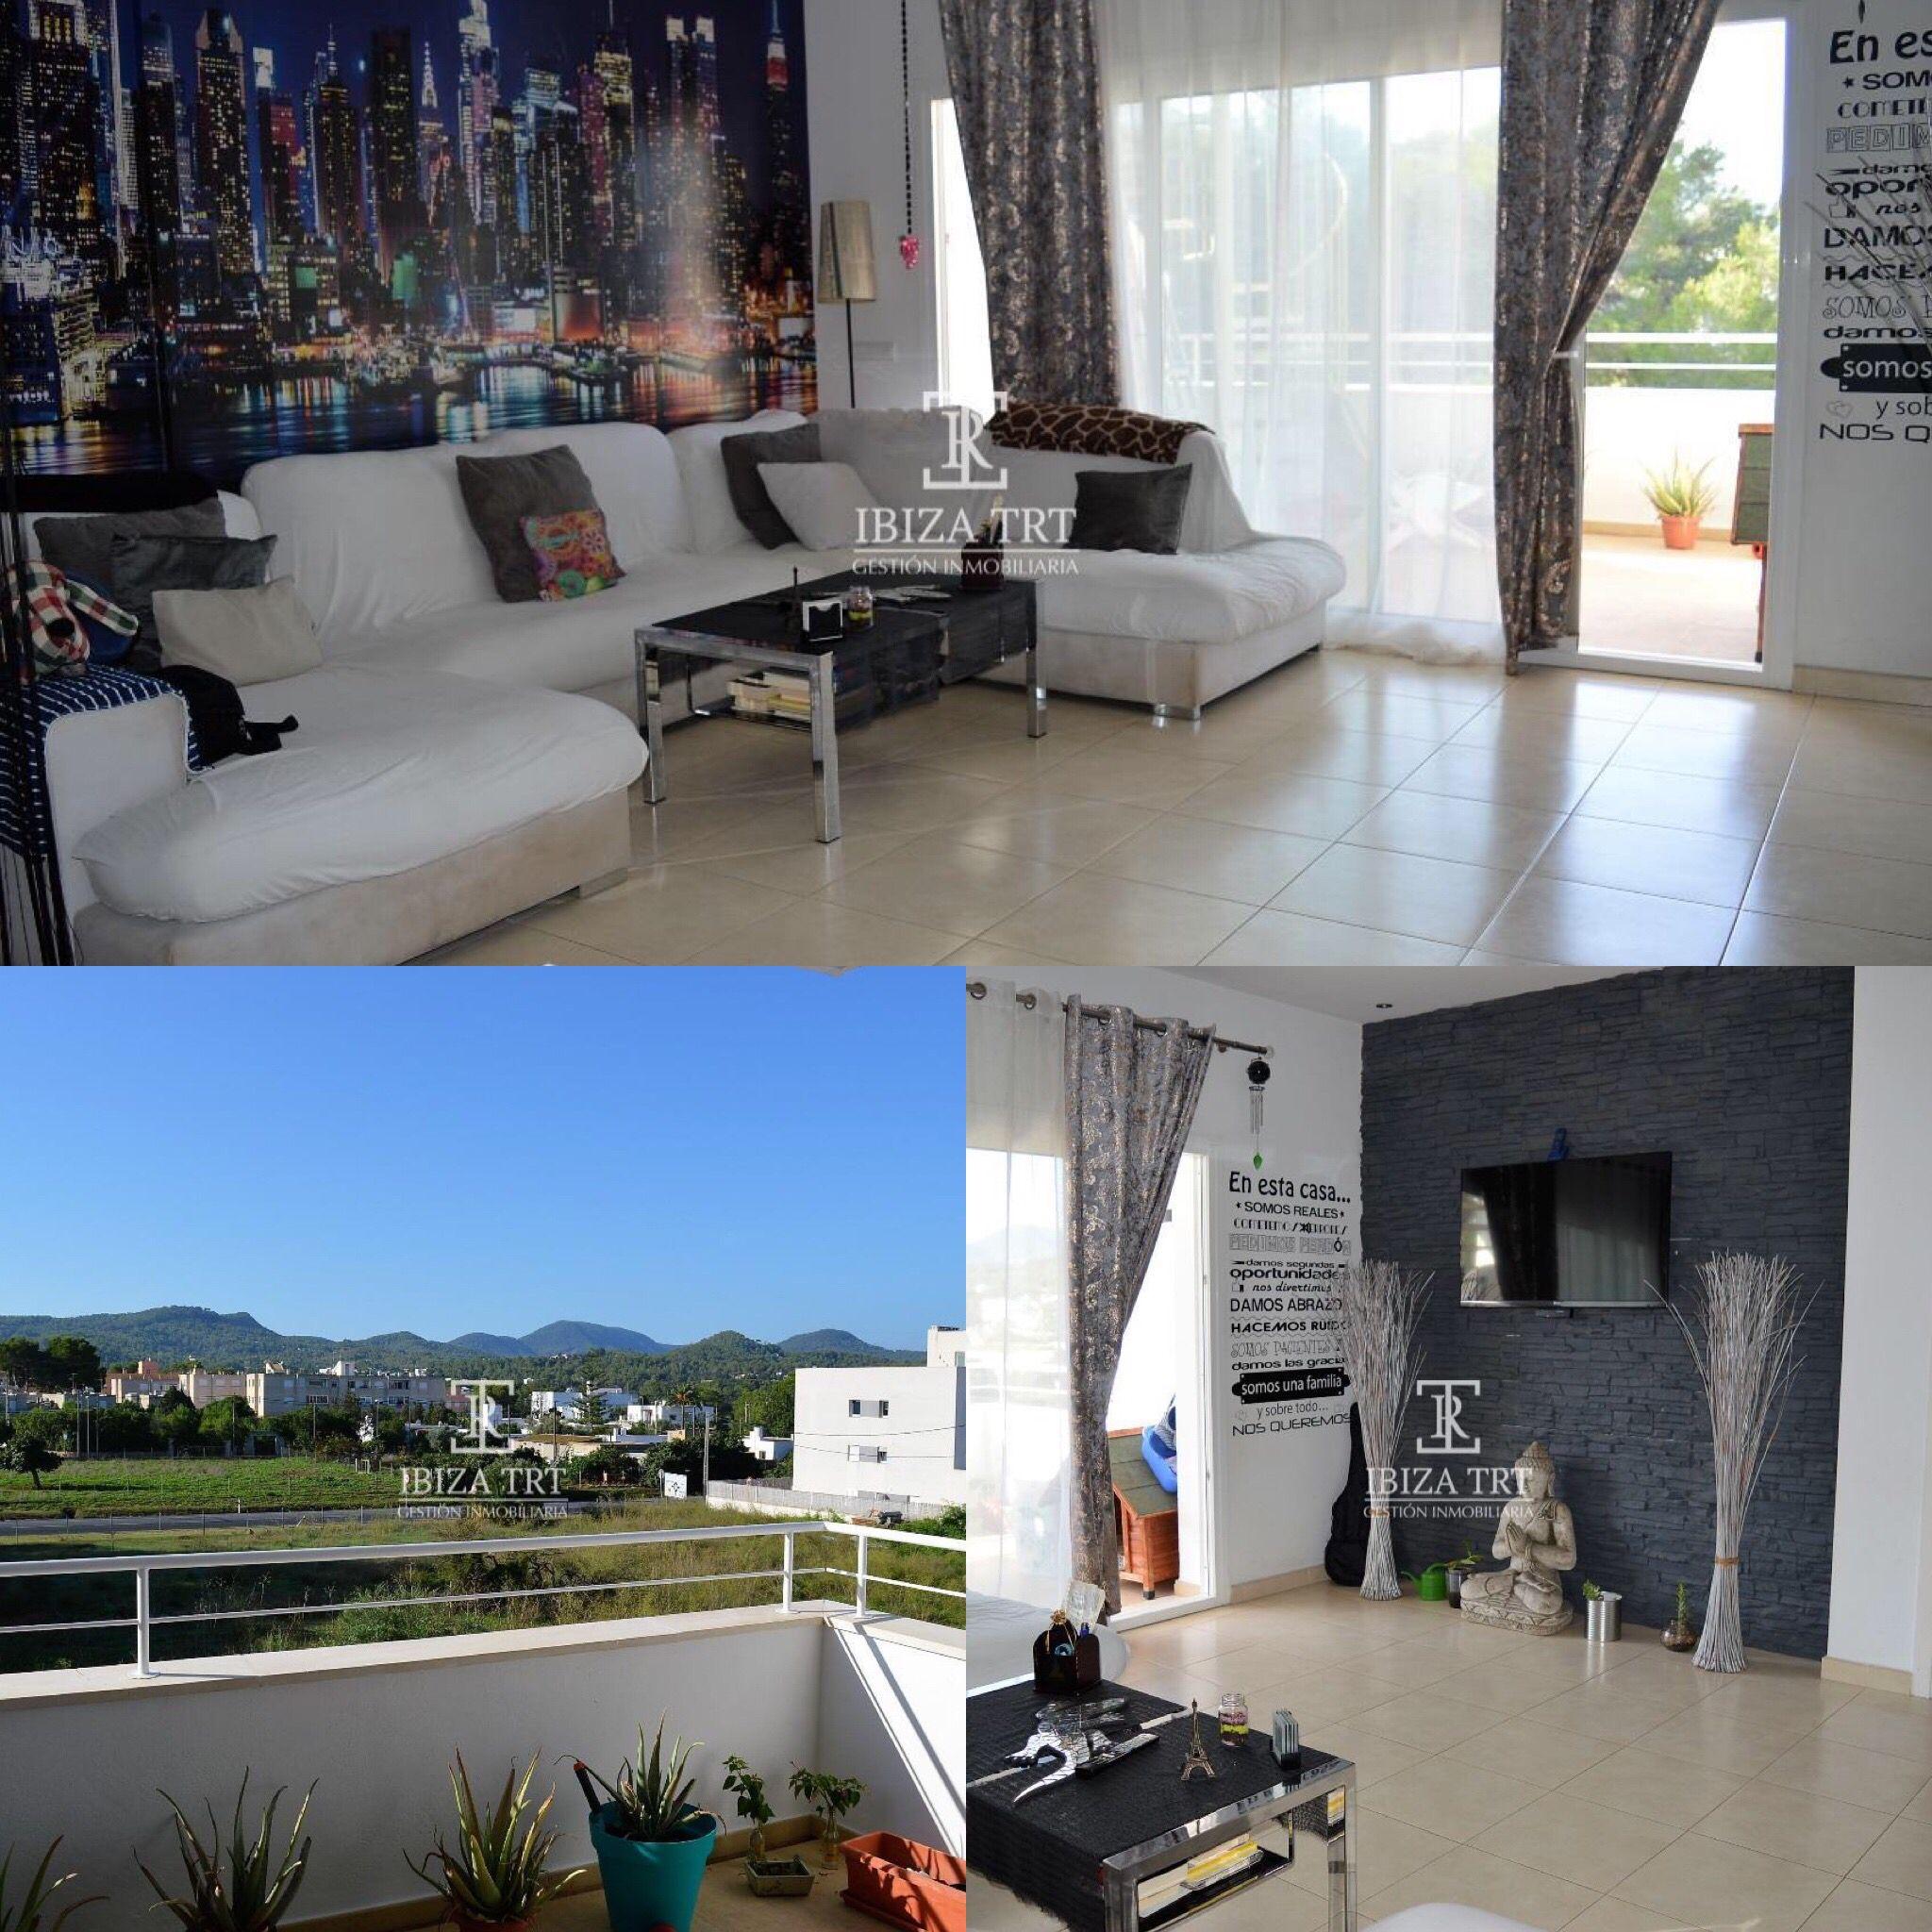 Todas Las Comodidades Por Solo 900 Euros Al Mes 2 Habitaciones Garaje Solarium Y Limpieza Incluida Alquiler Anual Ven A V Alquiler Pisos Inmobiliaria